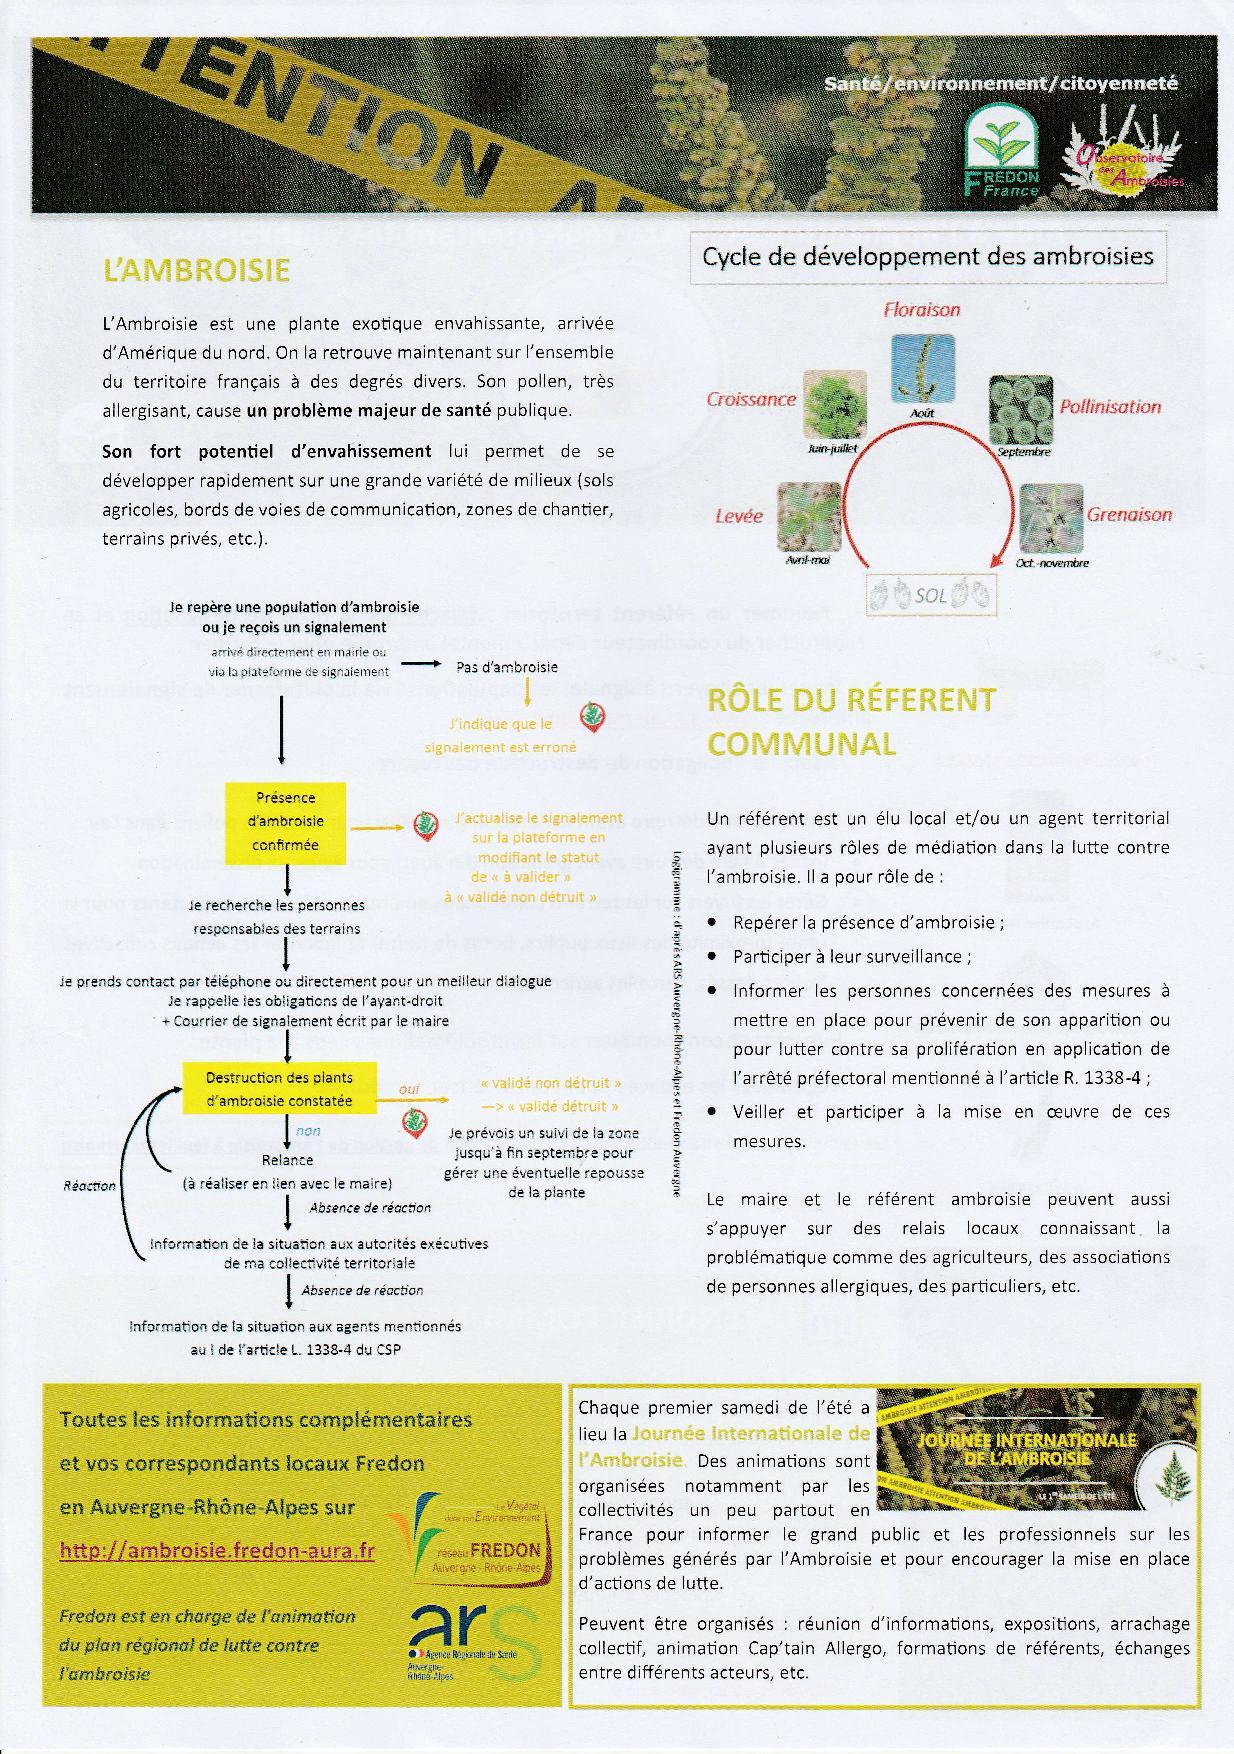 Ambroisie 2.jpg